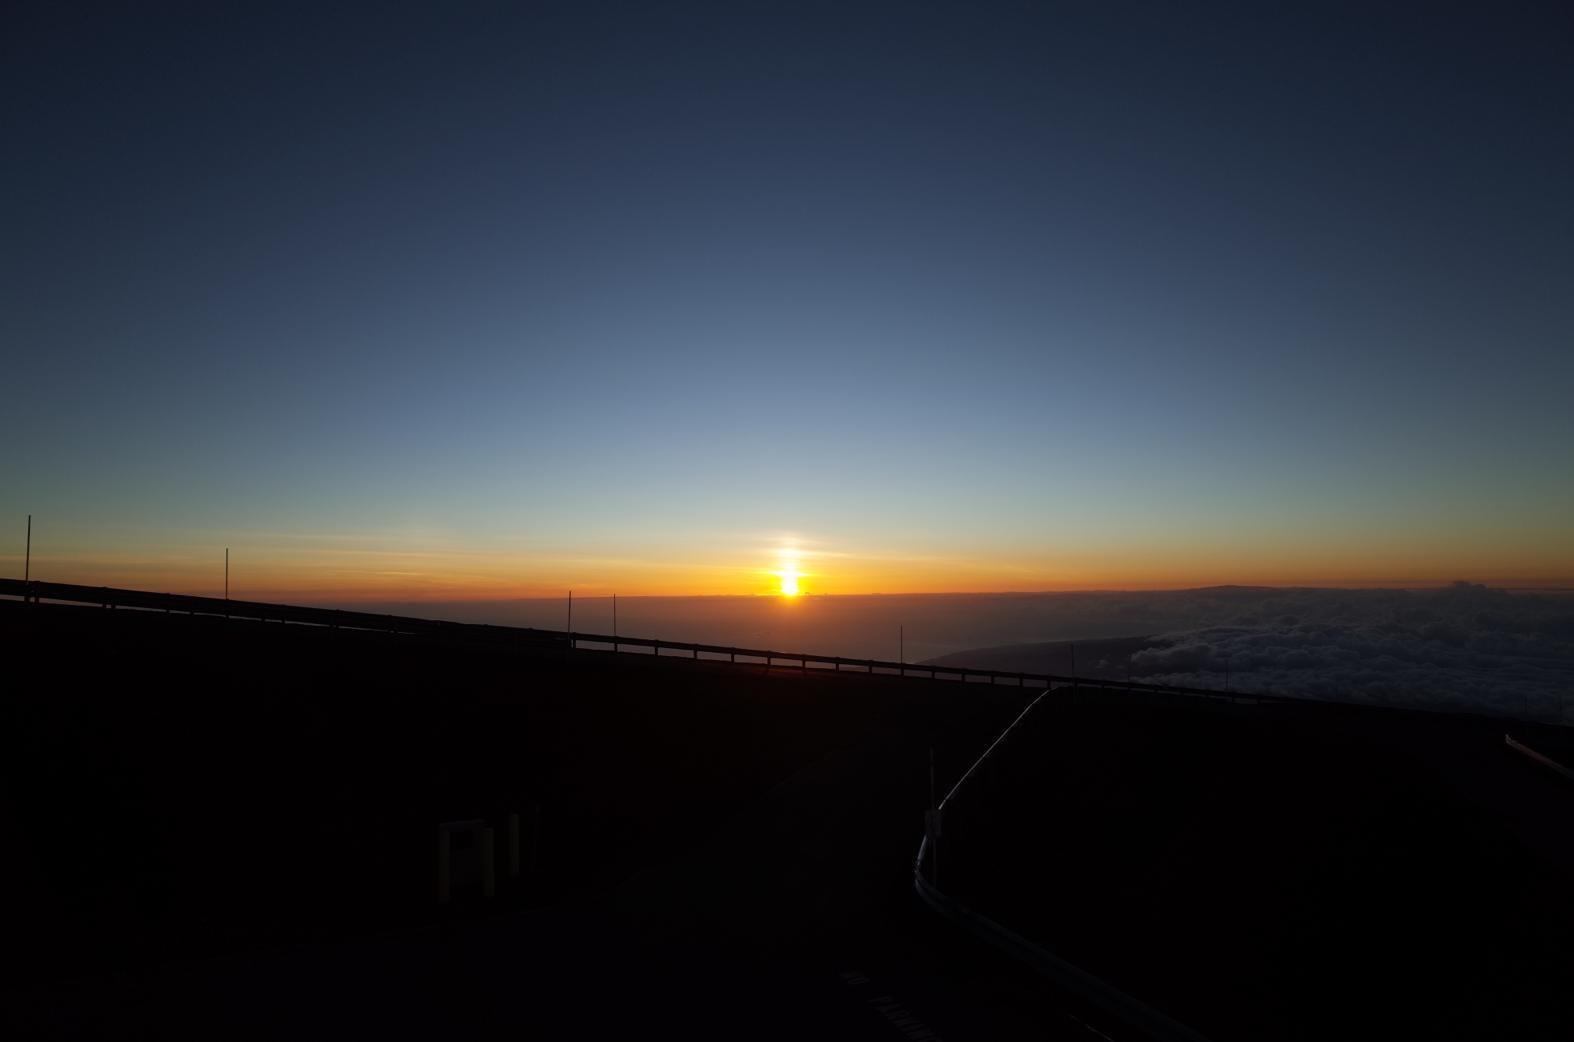 すばる望遠鏡観測室からの「実況」ツイートまとめ 図6